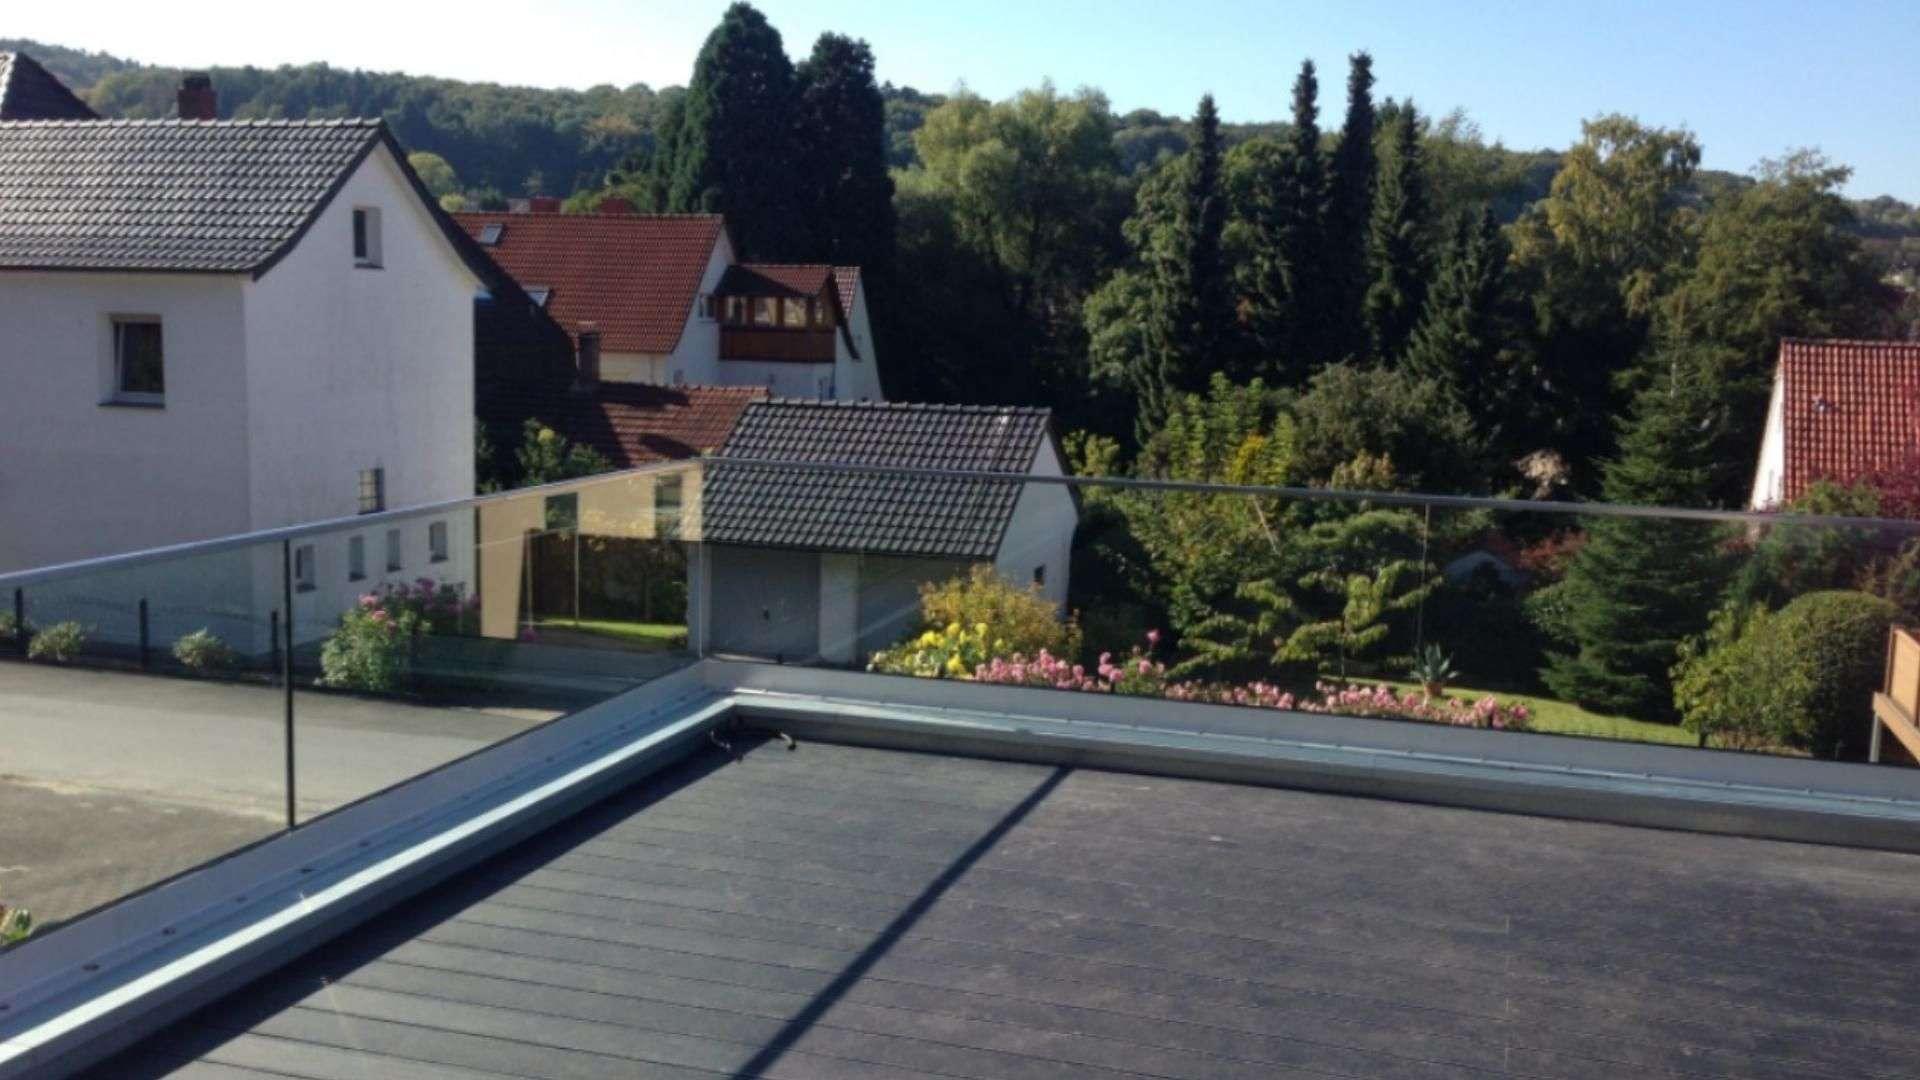 Dachterrasse mit Glas-Geländer